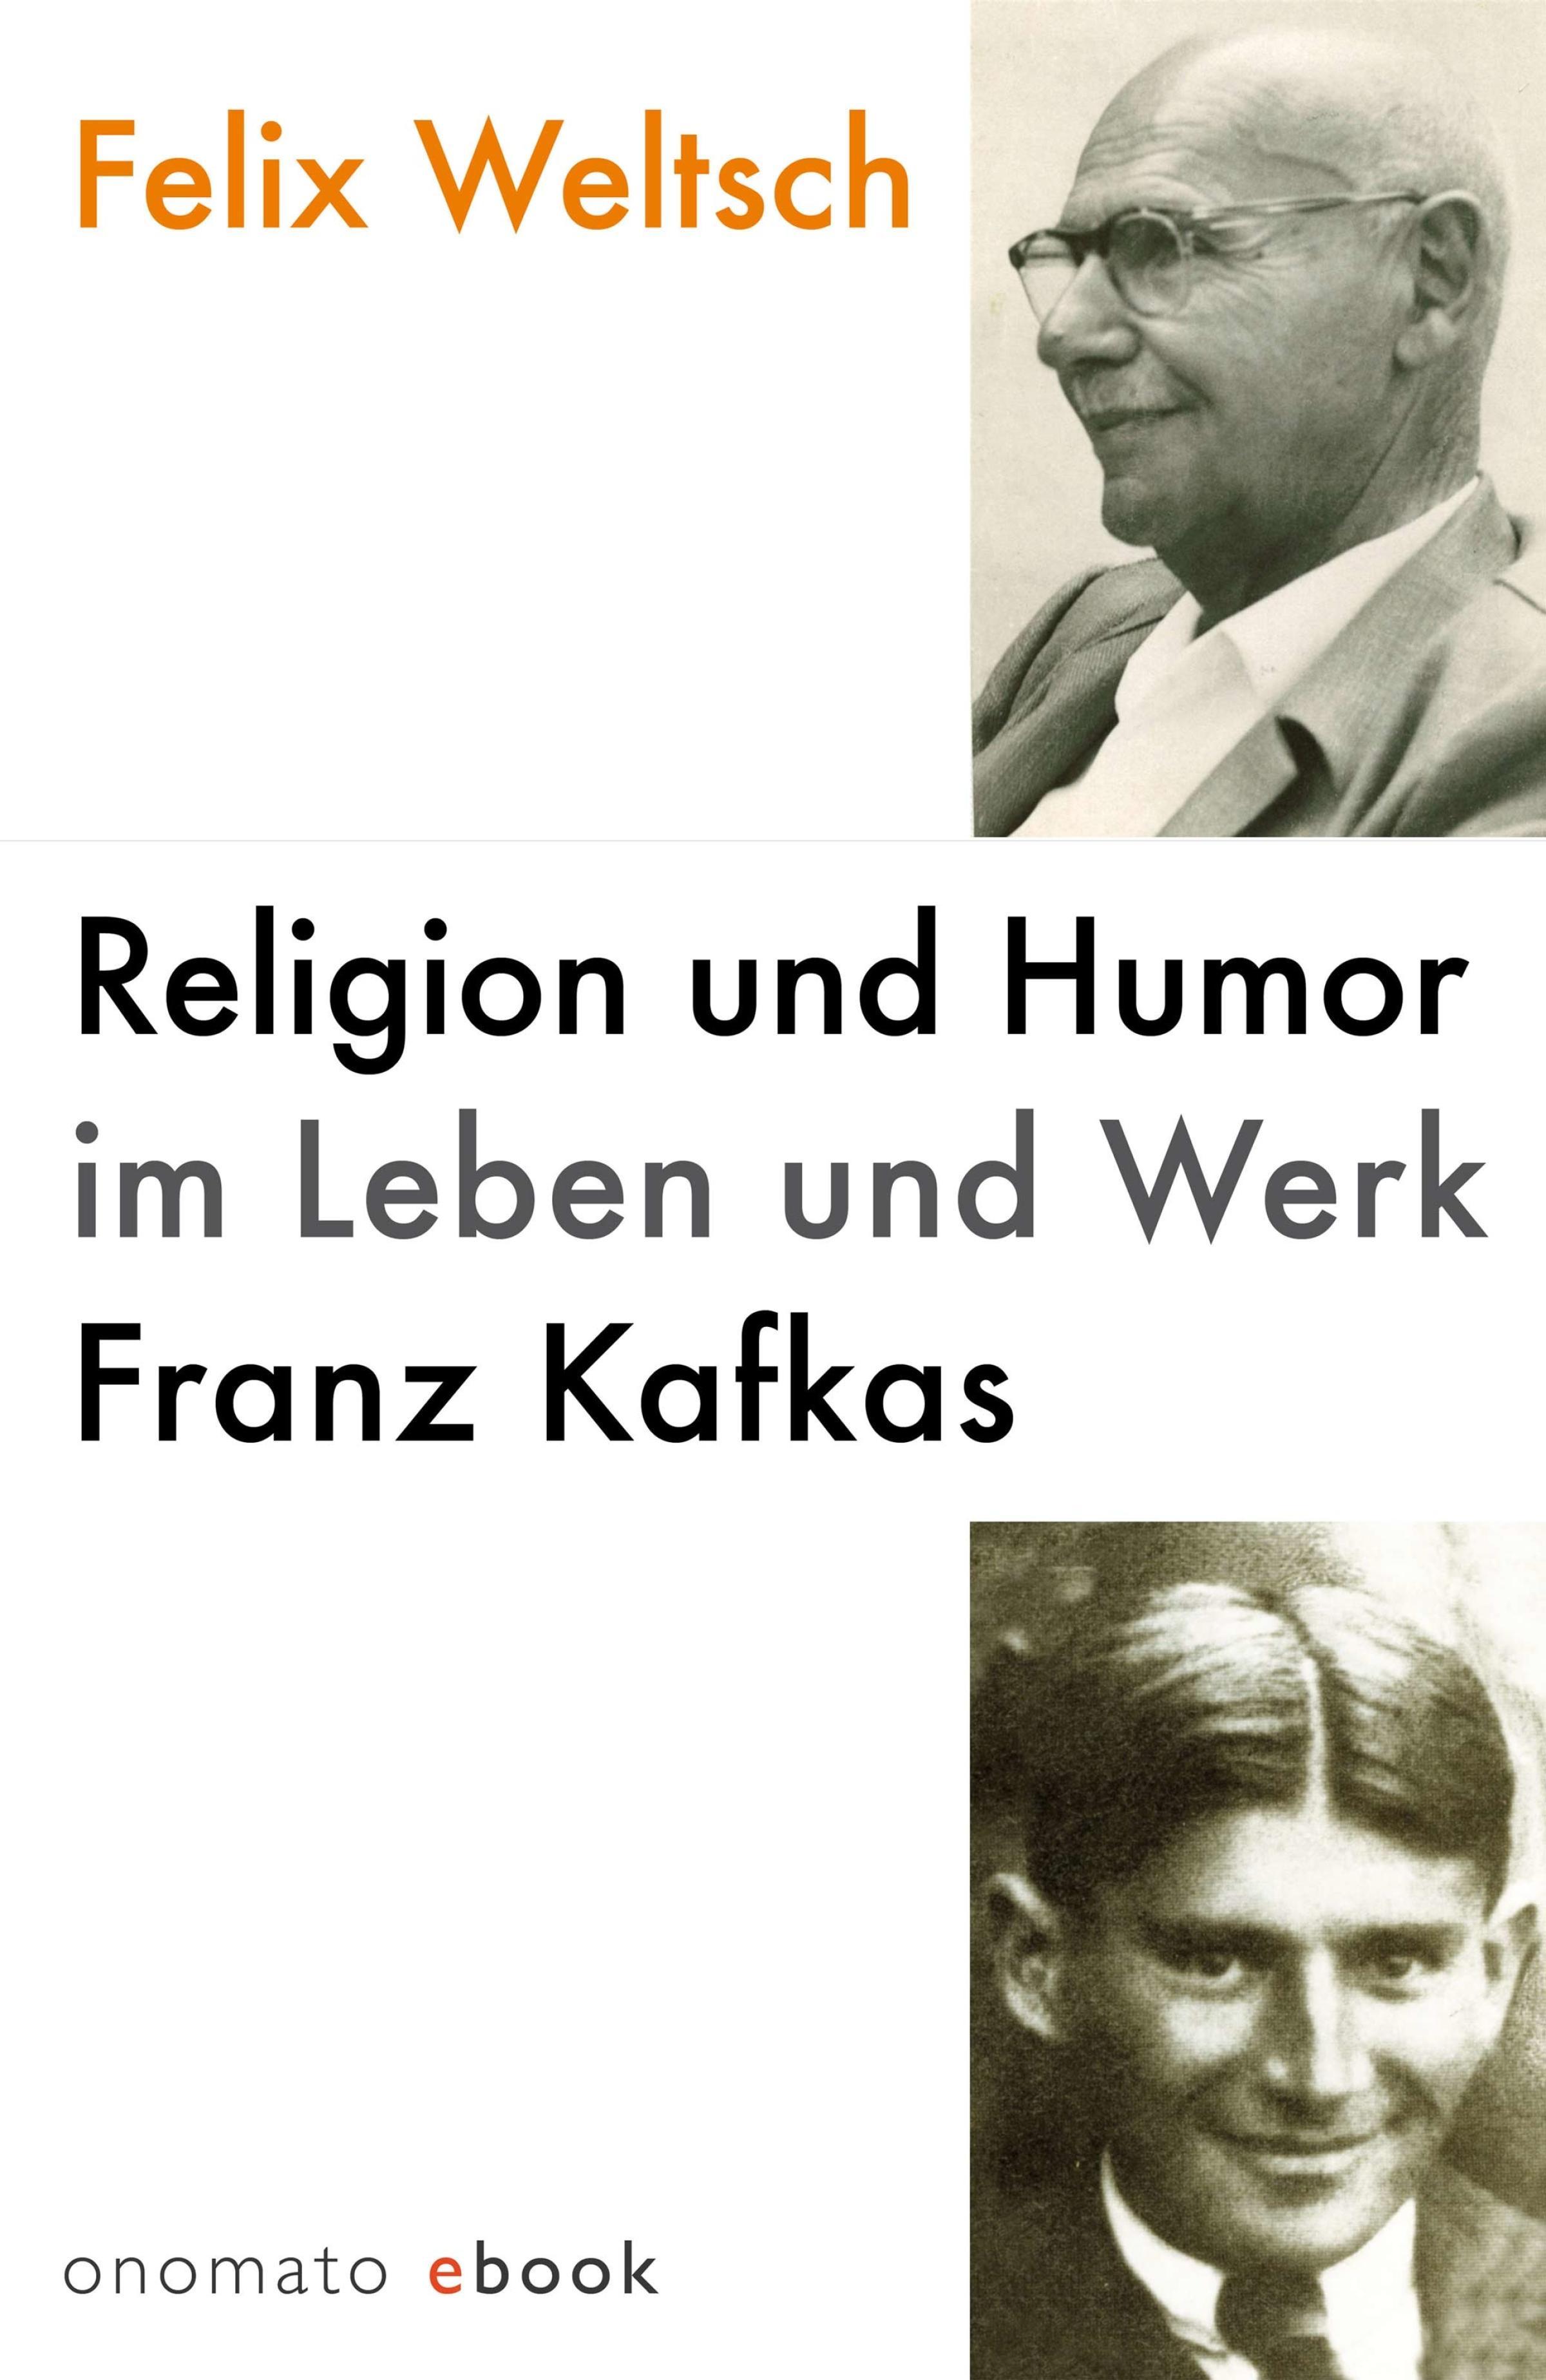 Felix Weltsch Religion und Humor im Leben und Werk Franz Kafkas